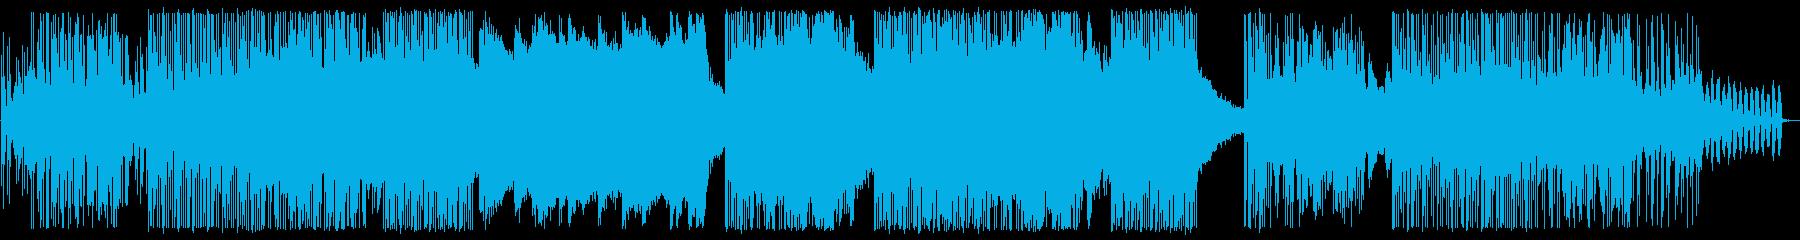 ゆったり刺激的な雰囲気のドラムン・ベースの再生済みの波形